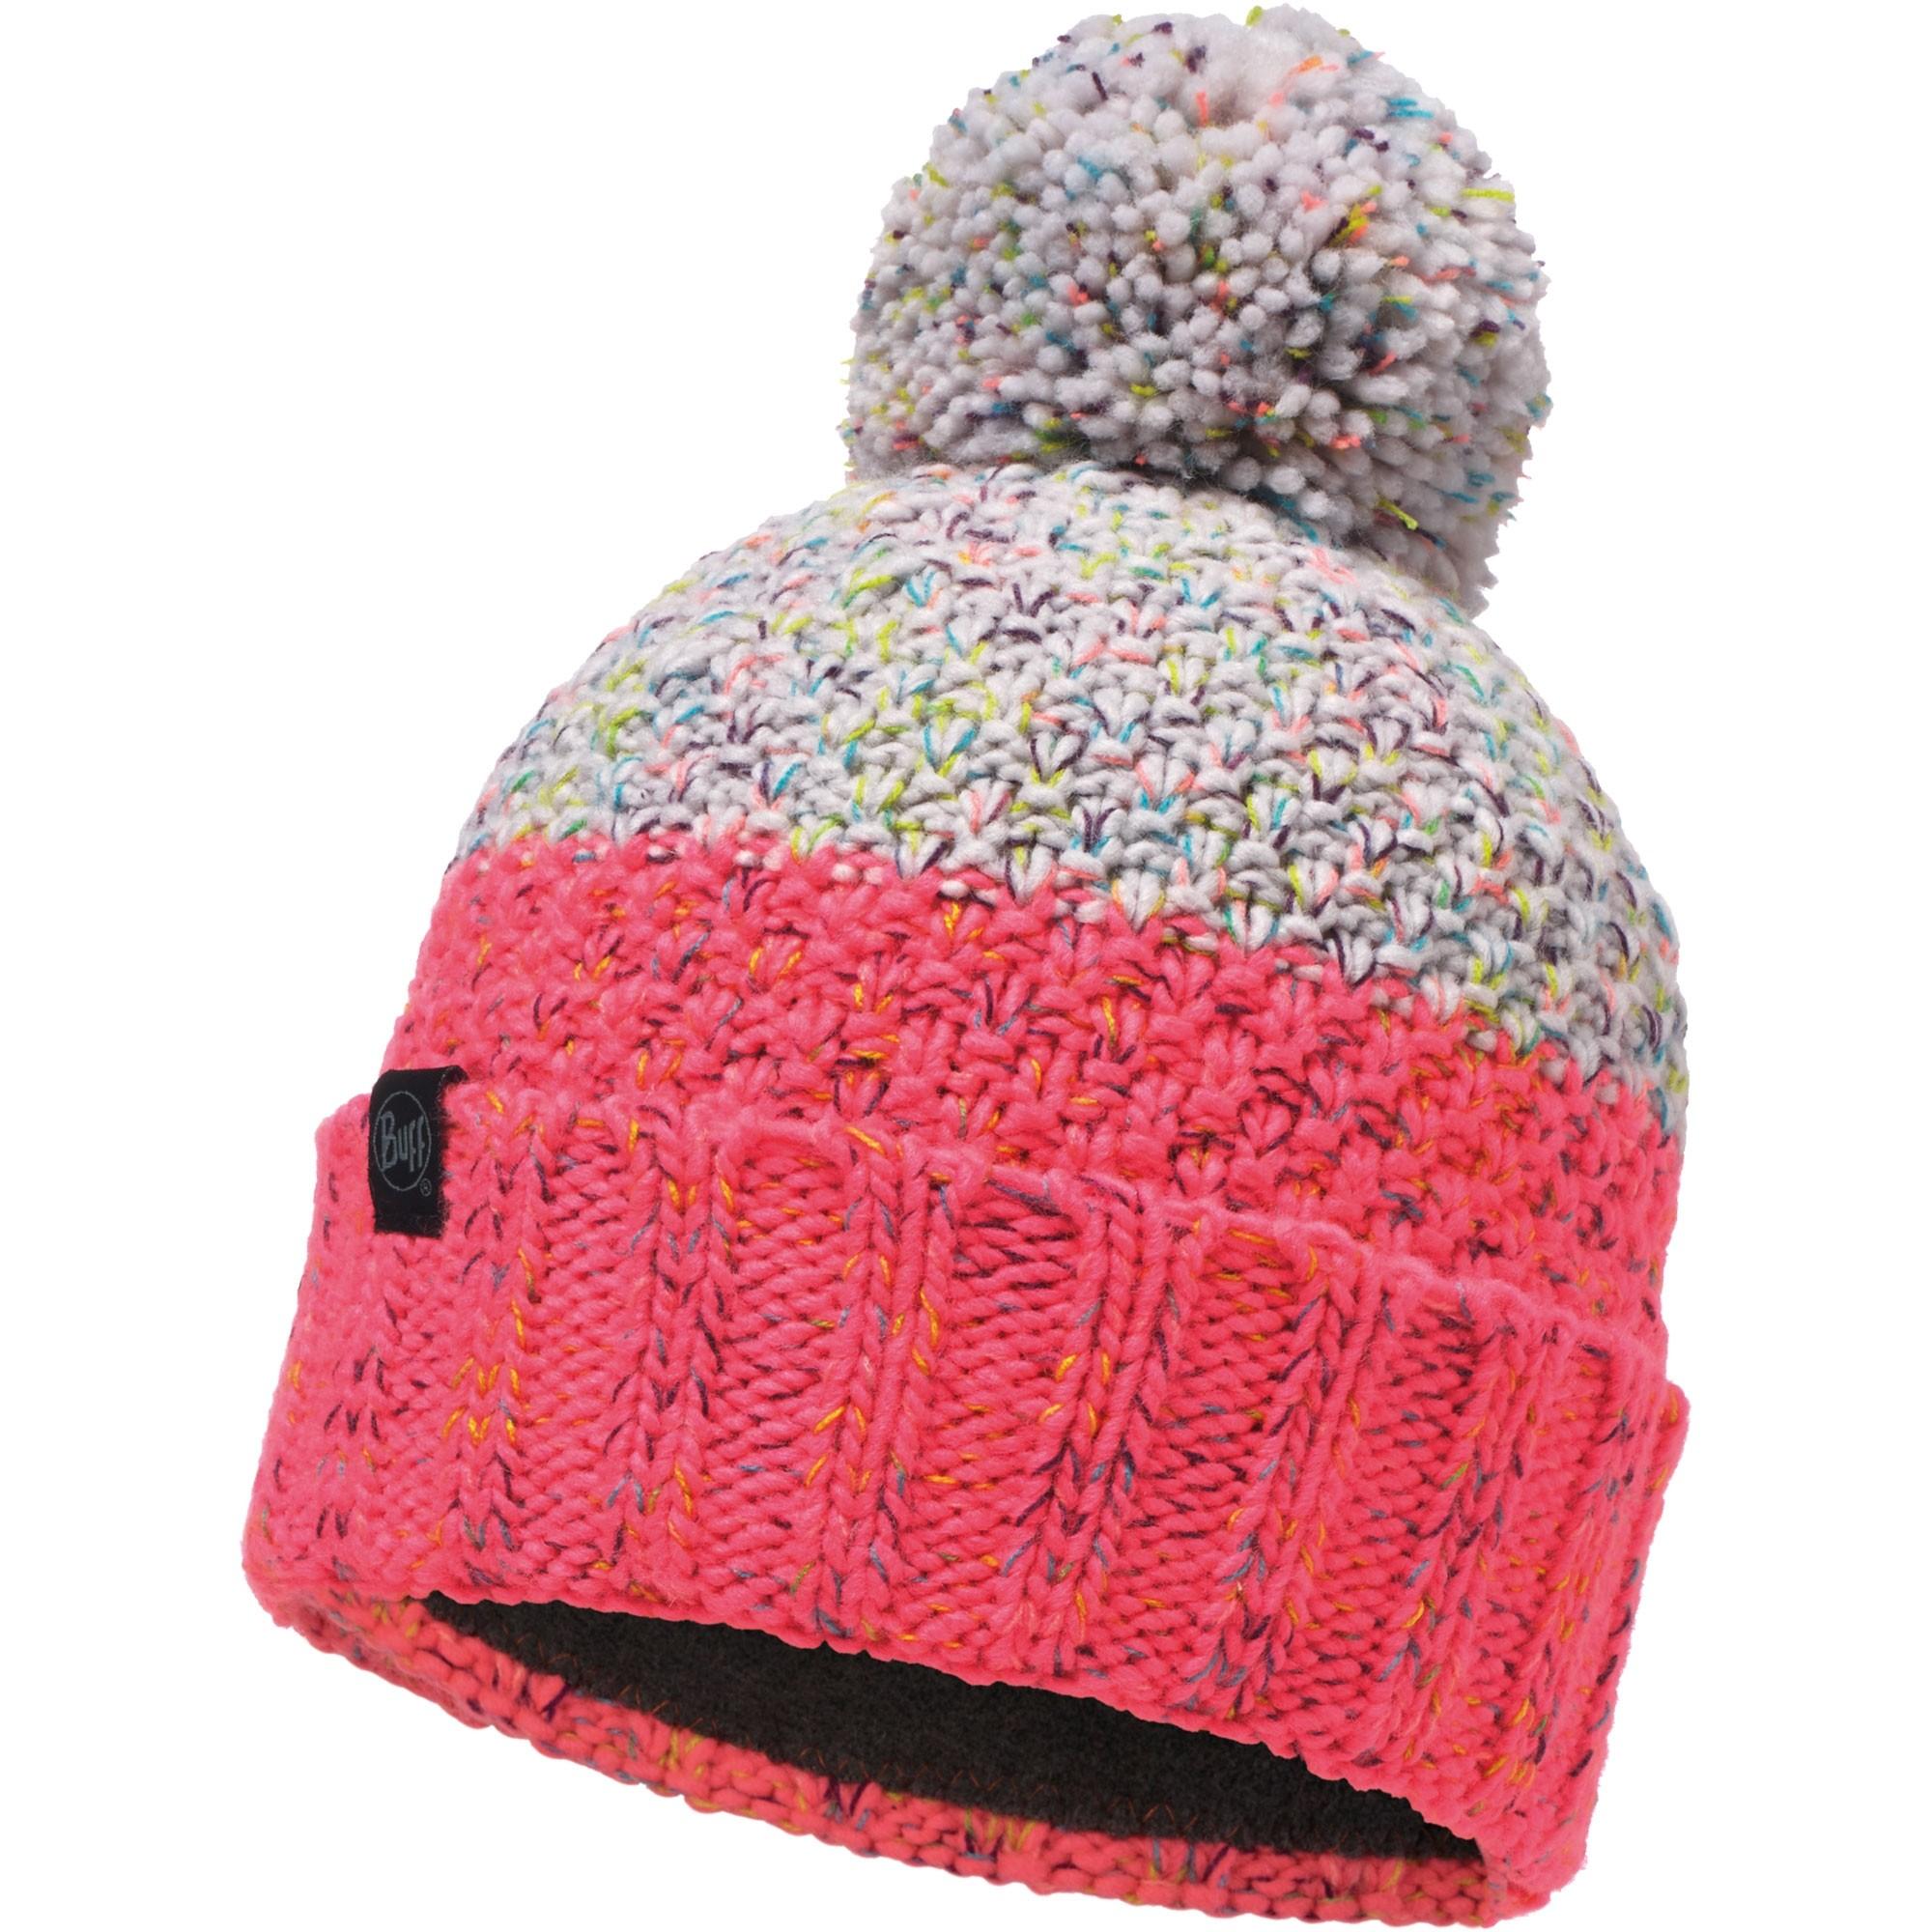 ... Buff Janna Knitted Hat - Cloud ... 3c6140e751d